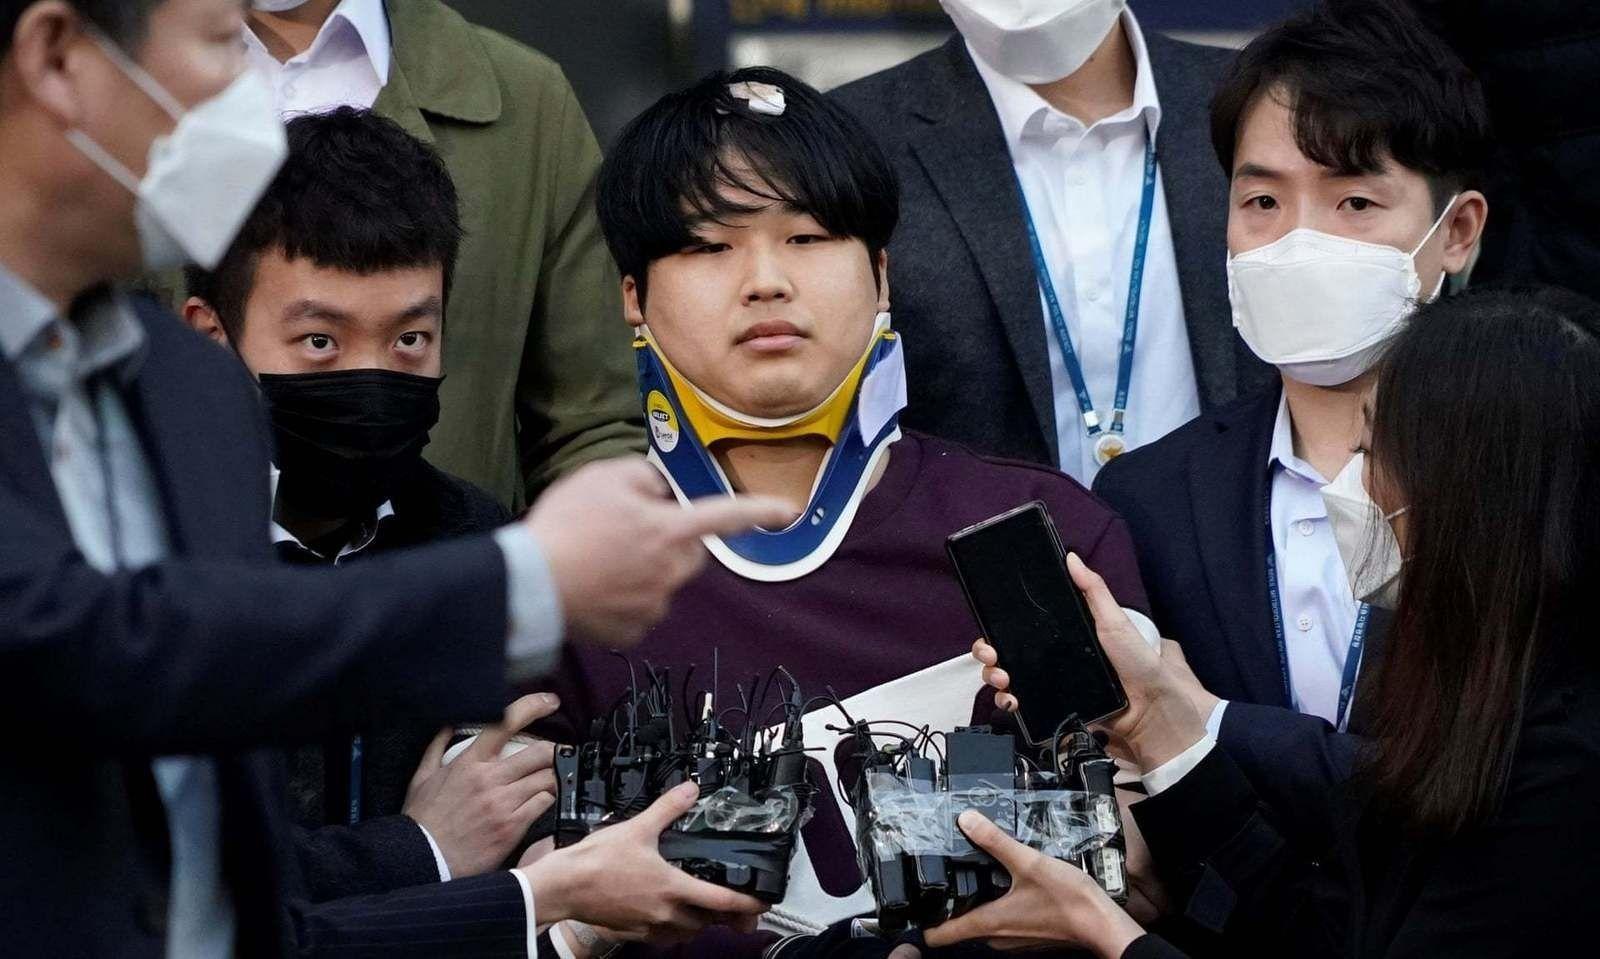 Охид бүсгүйчүүдийг онлайн орчинд боолчилж байсан этгээдийн нэрийг Өмнөд Солонгосын иргэдийн шаардлагаар ил болгожээ